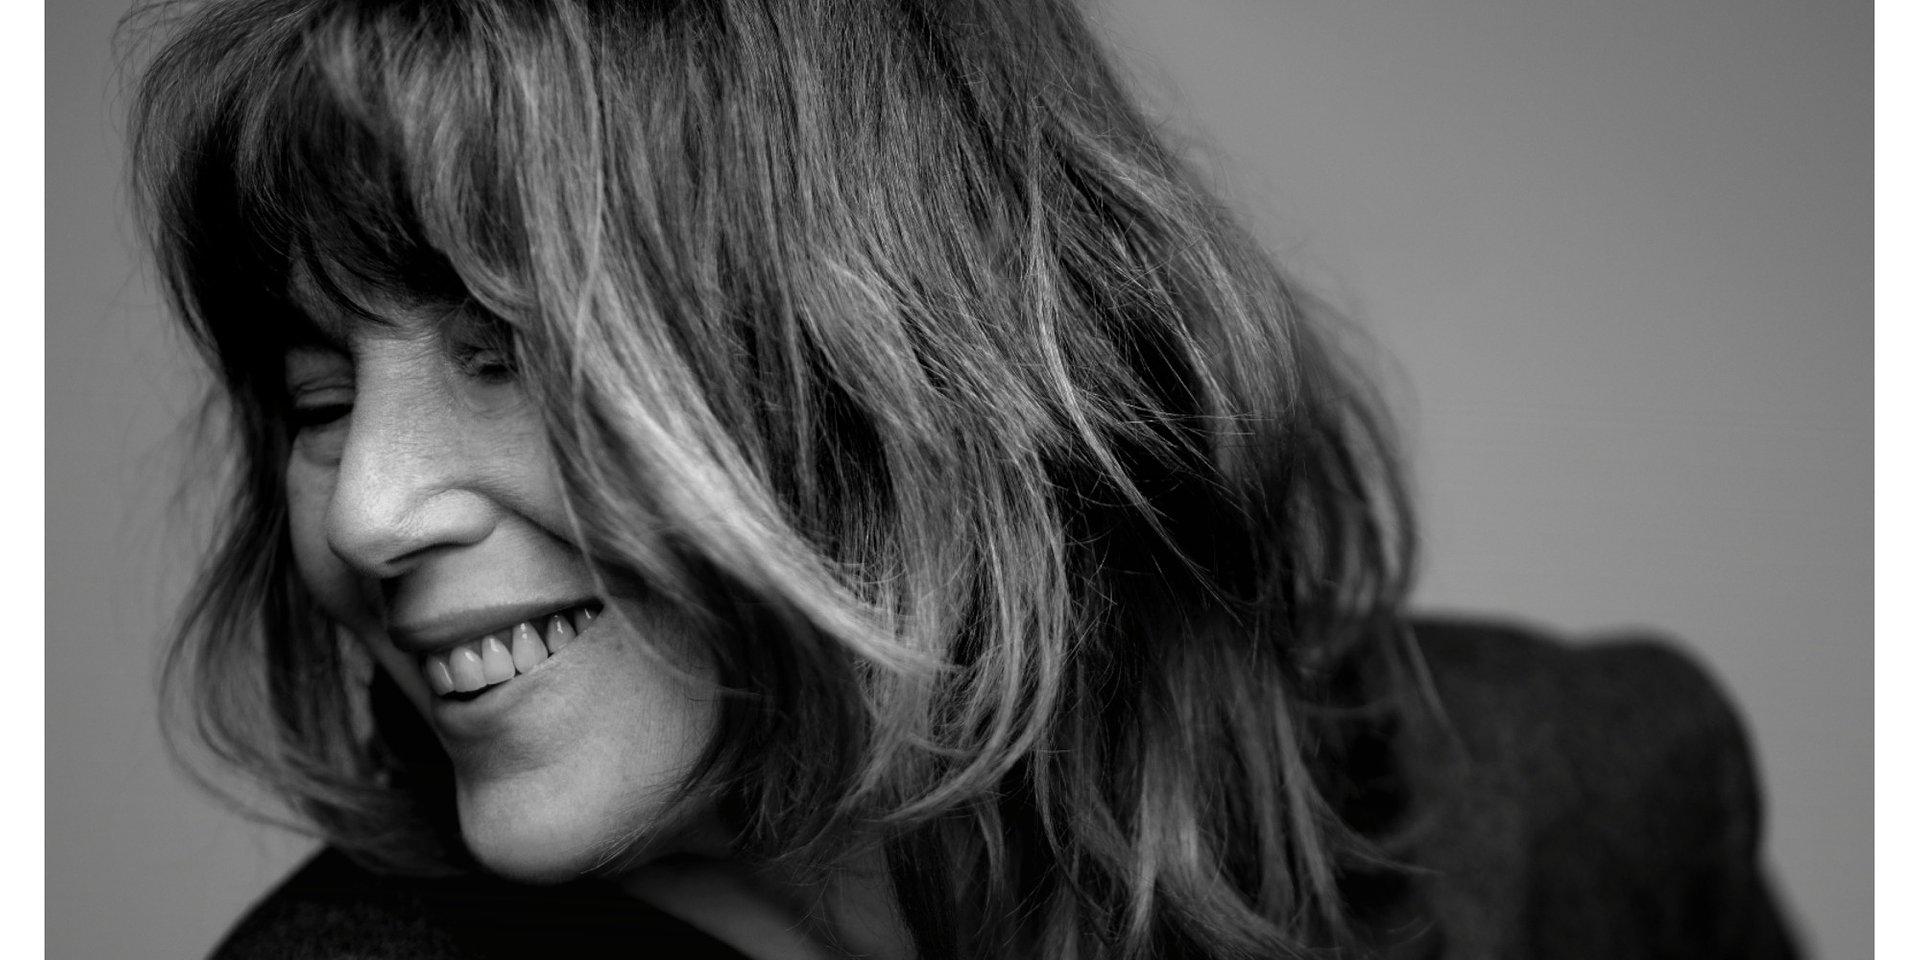 Nowy album Jane Birkin jeszcze w grudniu